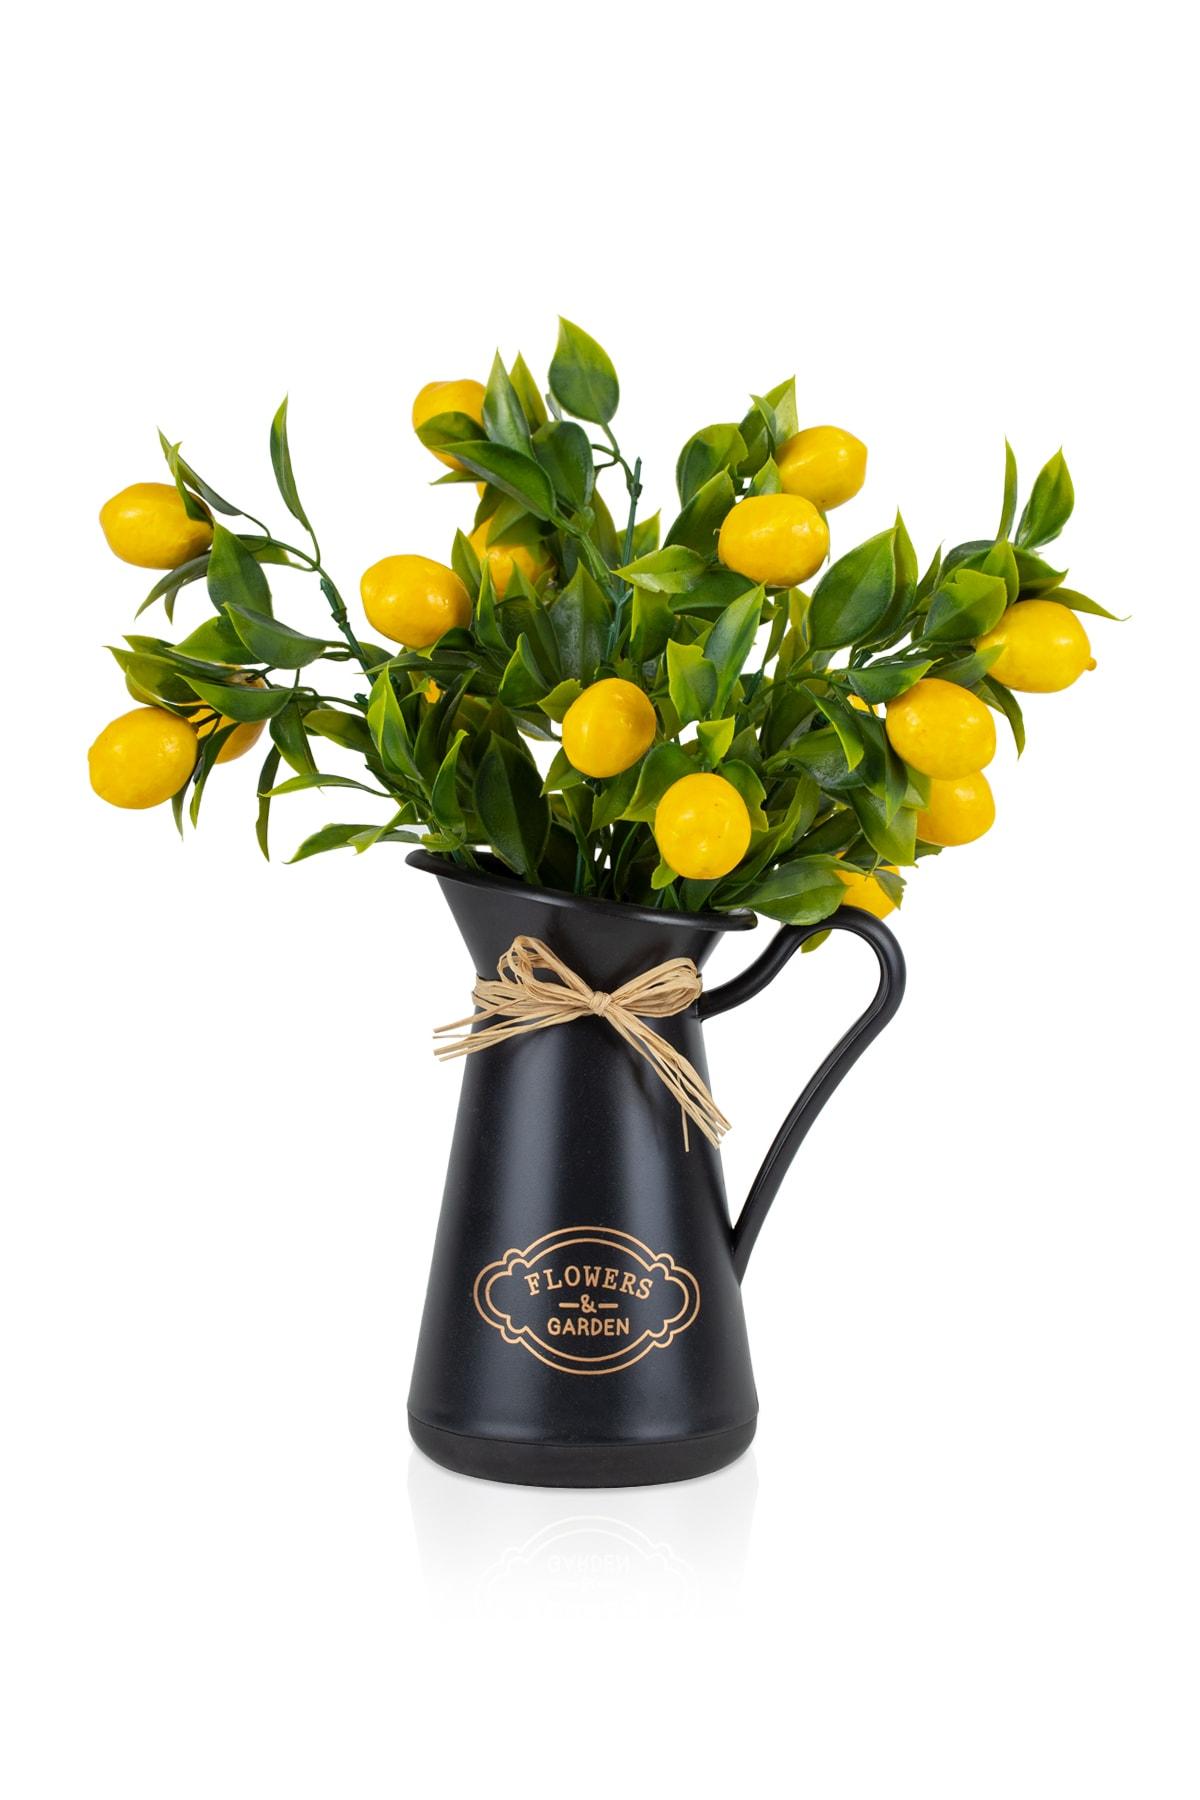 Italyan Style Flowers Garden Saksıda Limon Demet Yapay Bitki